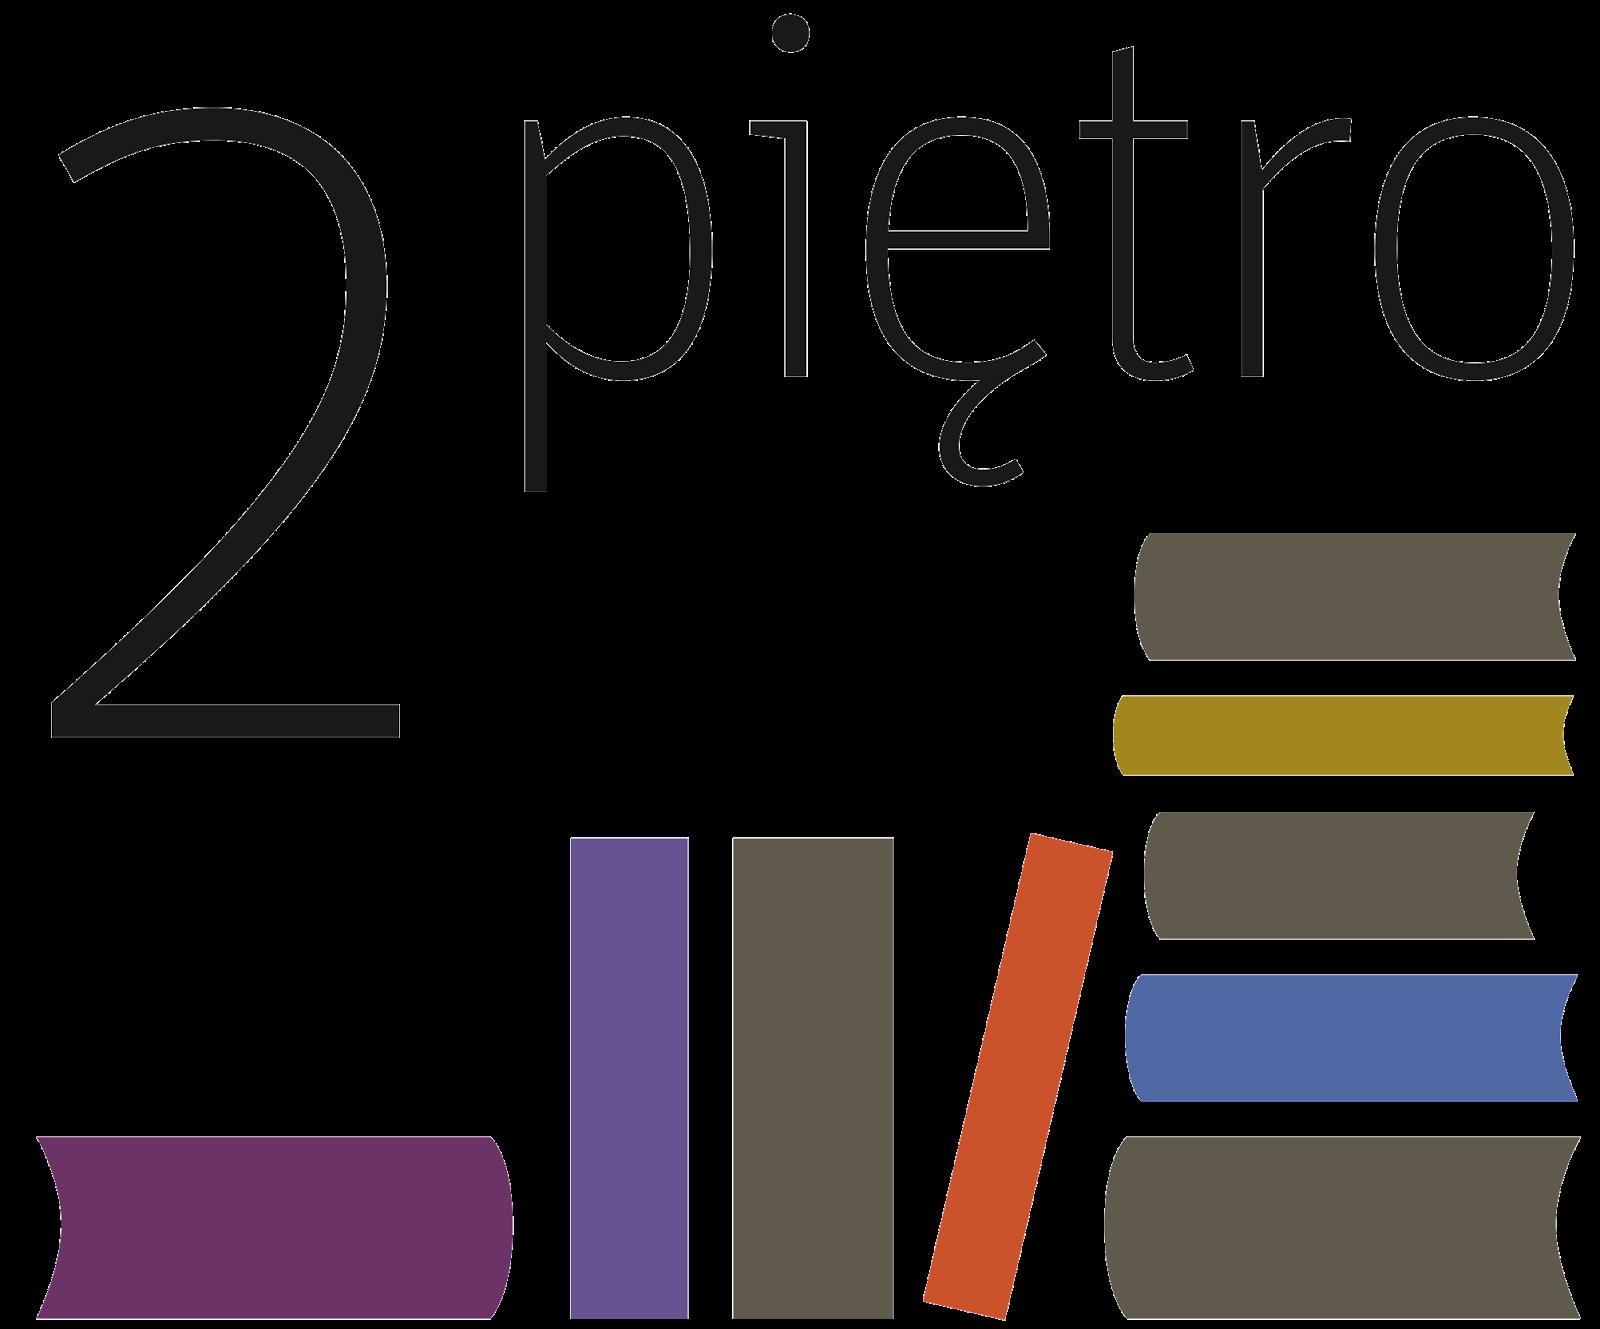 http://www.2-pietro.pl/ksiazka/dziewczyna-z-ajutthaji/